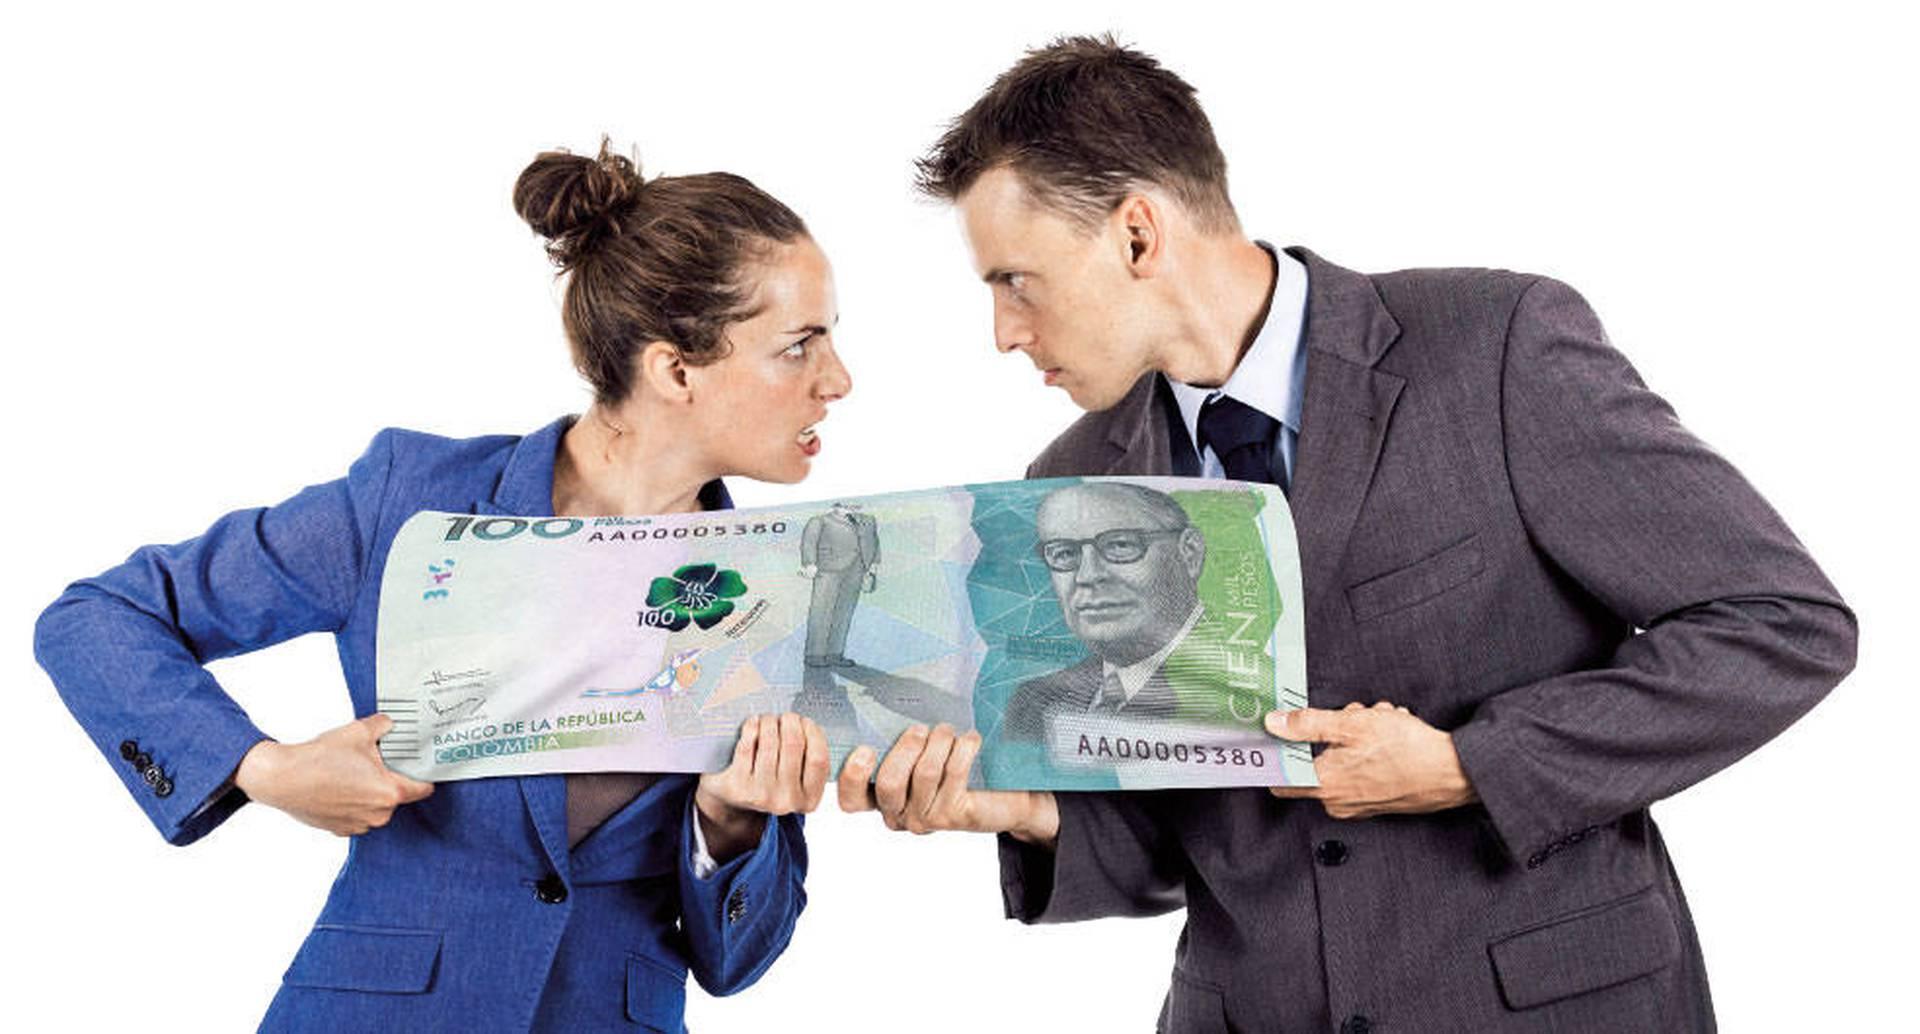 Incluso, a medida que cambian los roles de género y hay más igualdad en los ingresos, el dinero sigue causando problemas en las parejas.